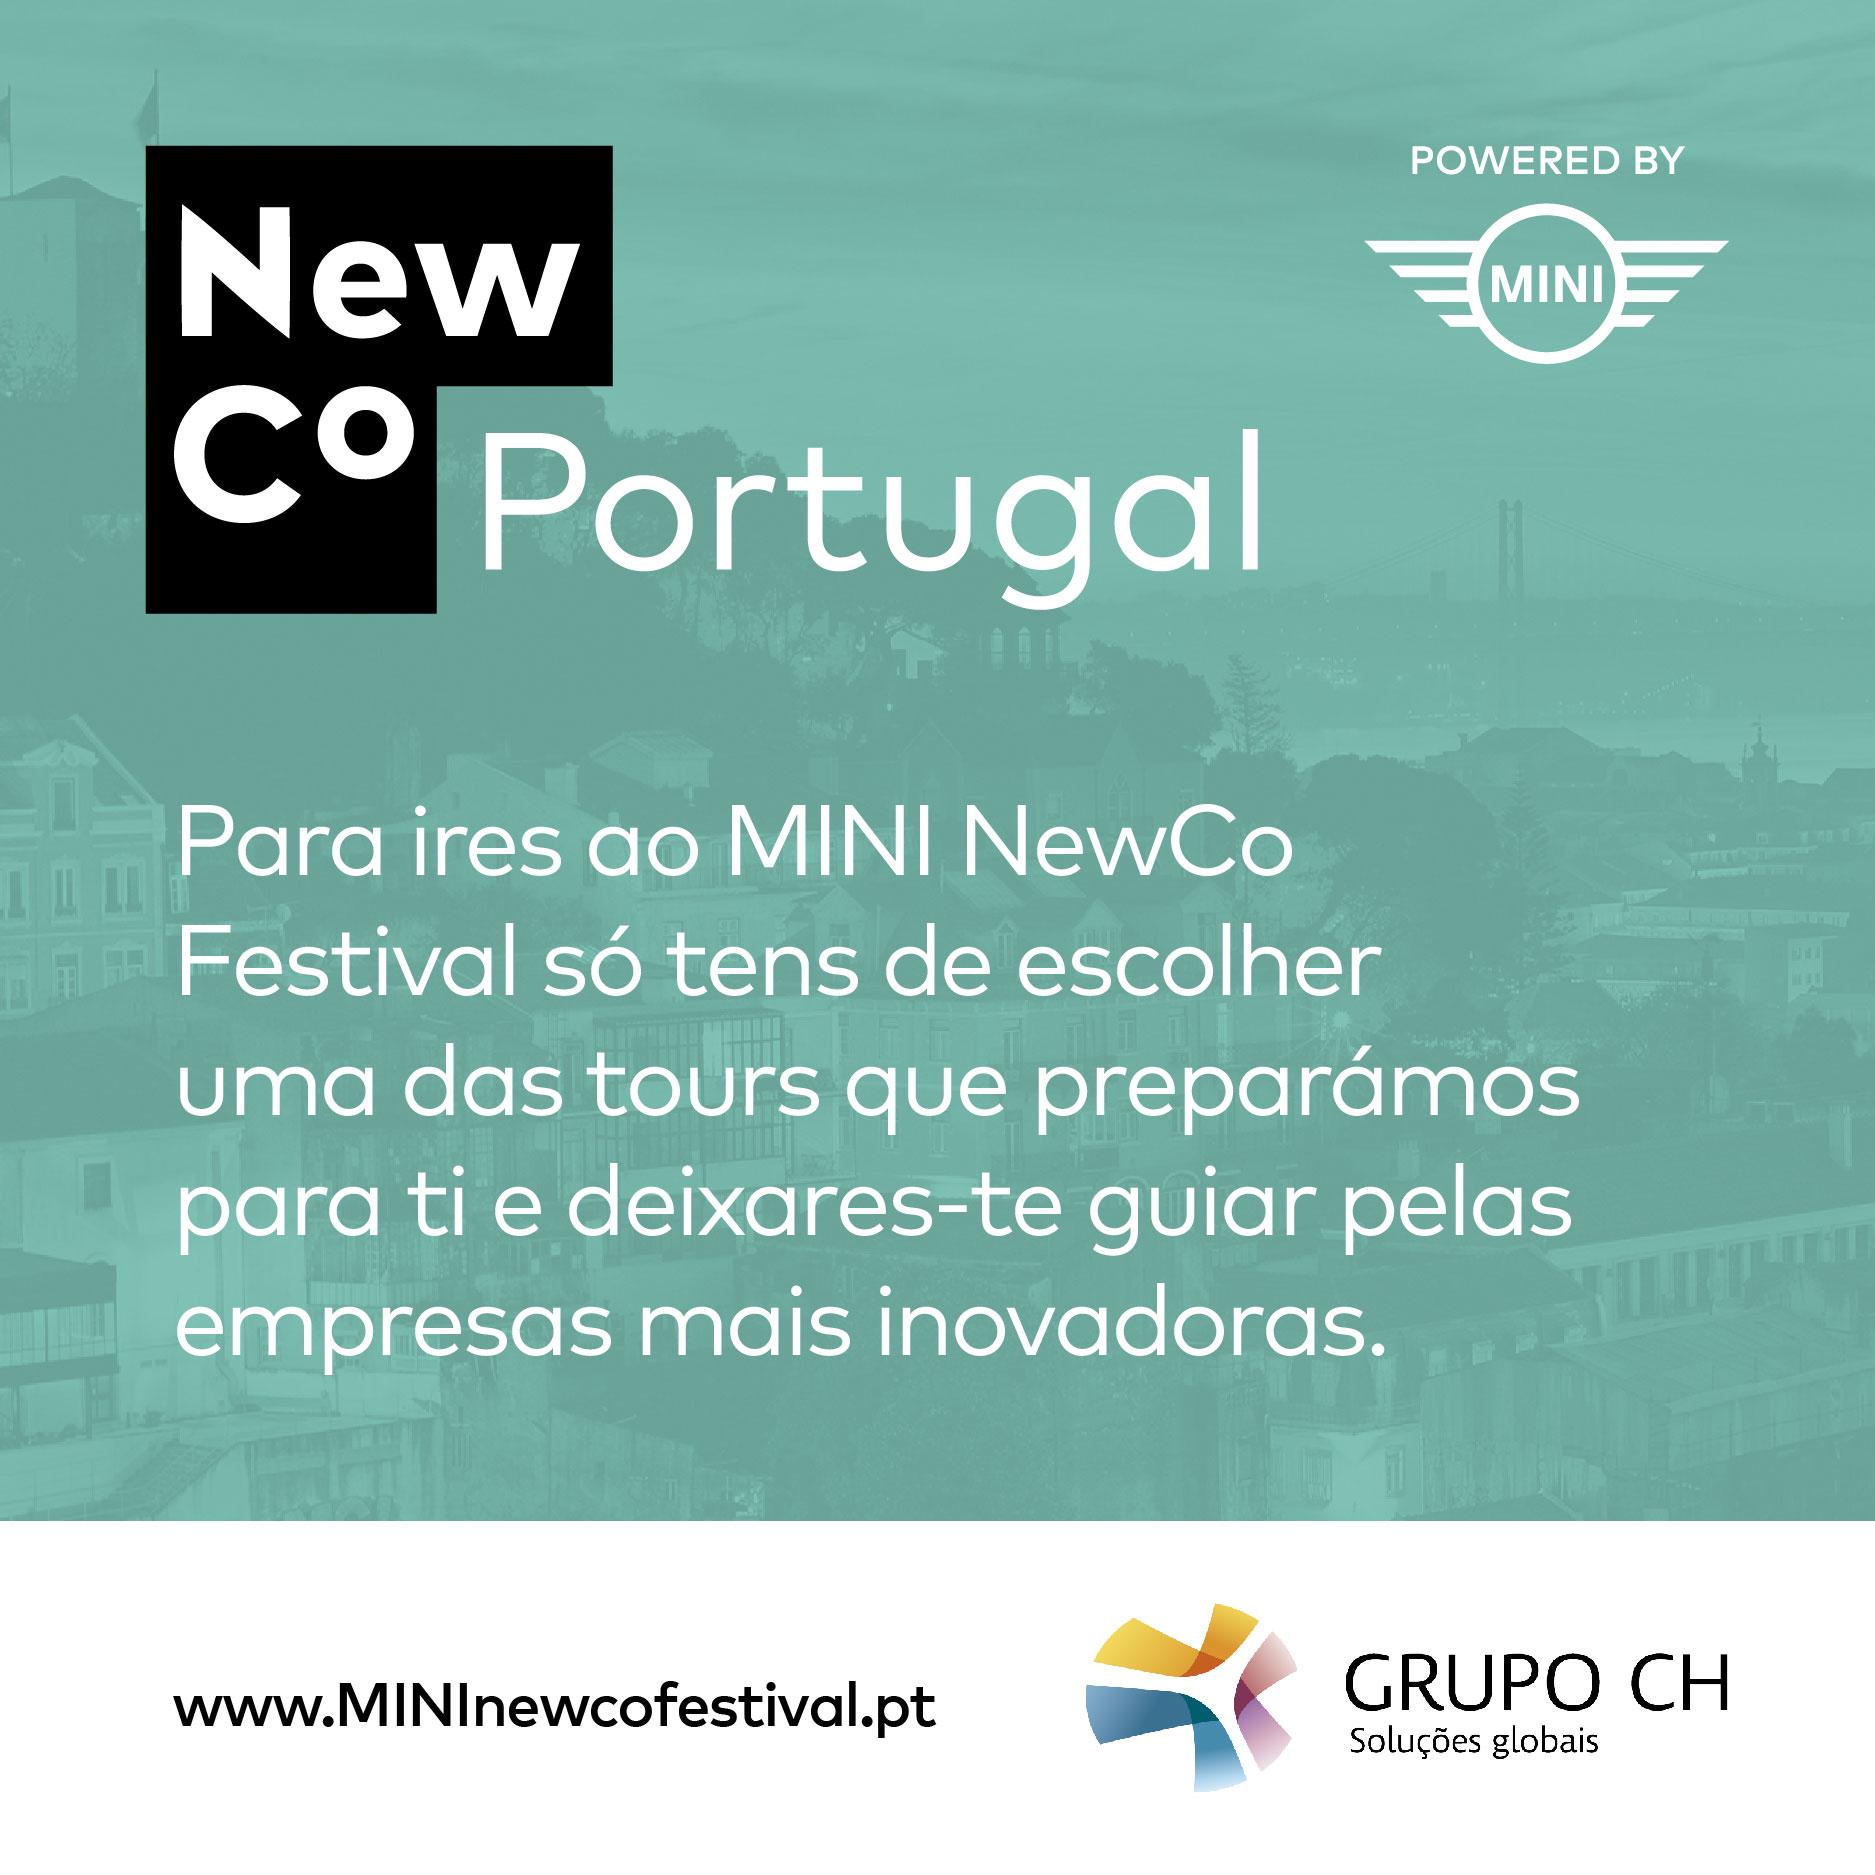 Grupo CH adere ao Mini NewCo Festival